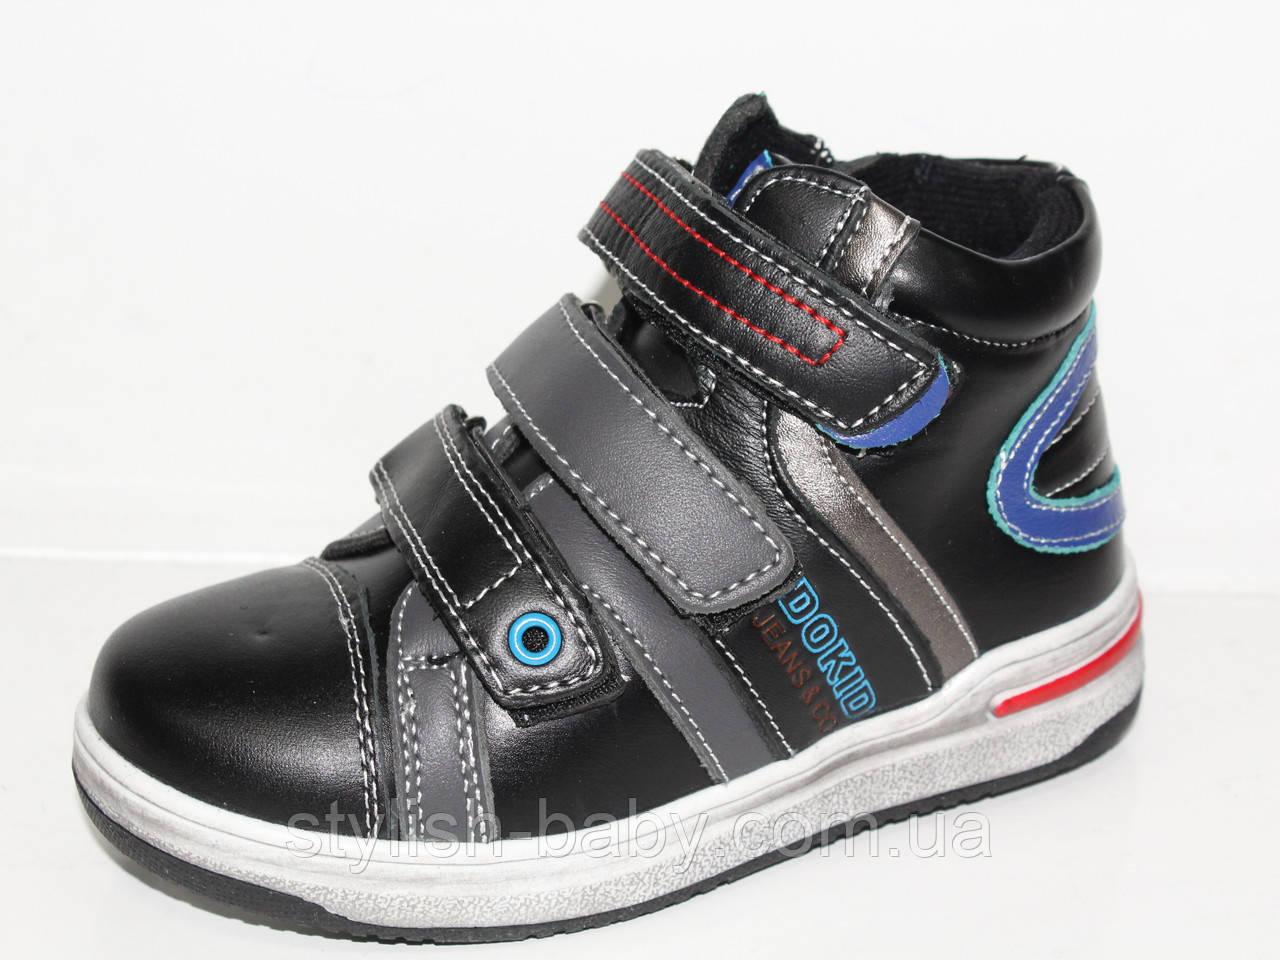 ce4046b9c Детская обувь оптом. Детская кожаная демисезонная обувь бренда Kellaifeng  для мальчиков (рр. с 27 по 32)